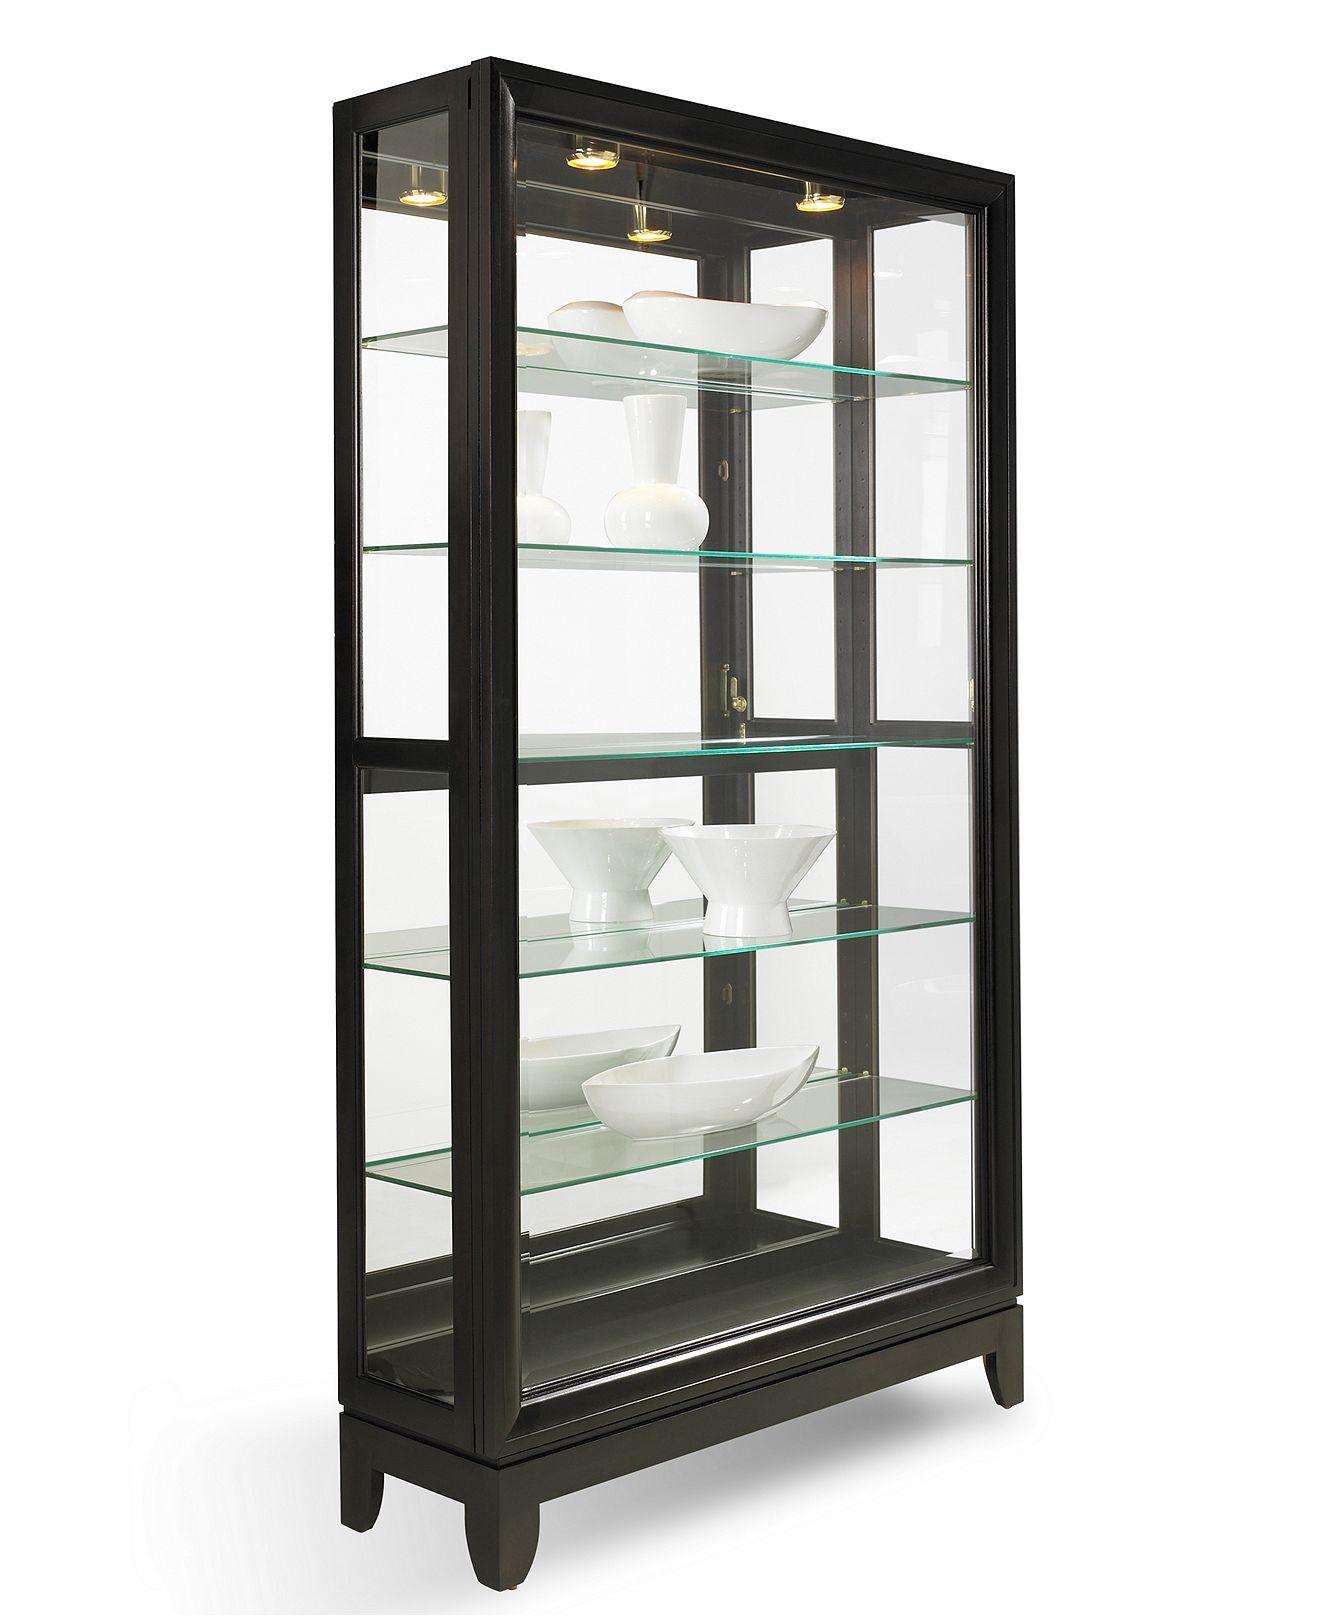 Macysdreamfund Dual Slide Contemporary Curio Cabinet